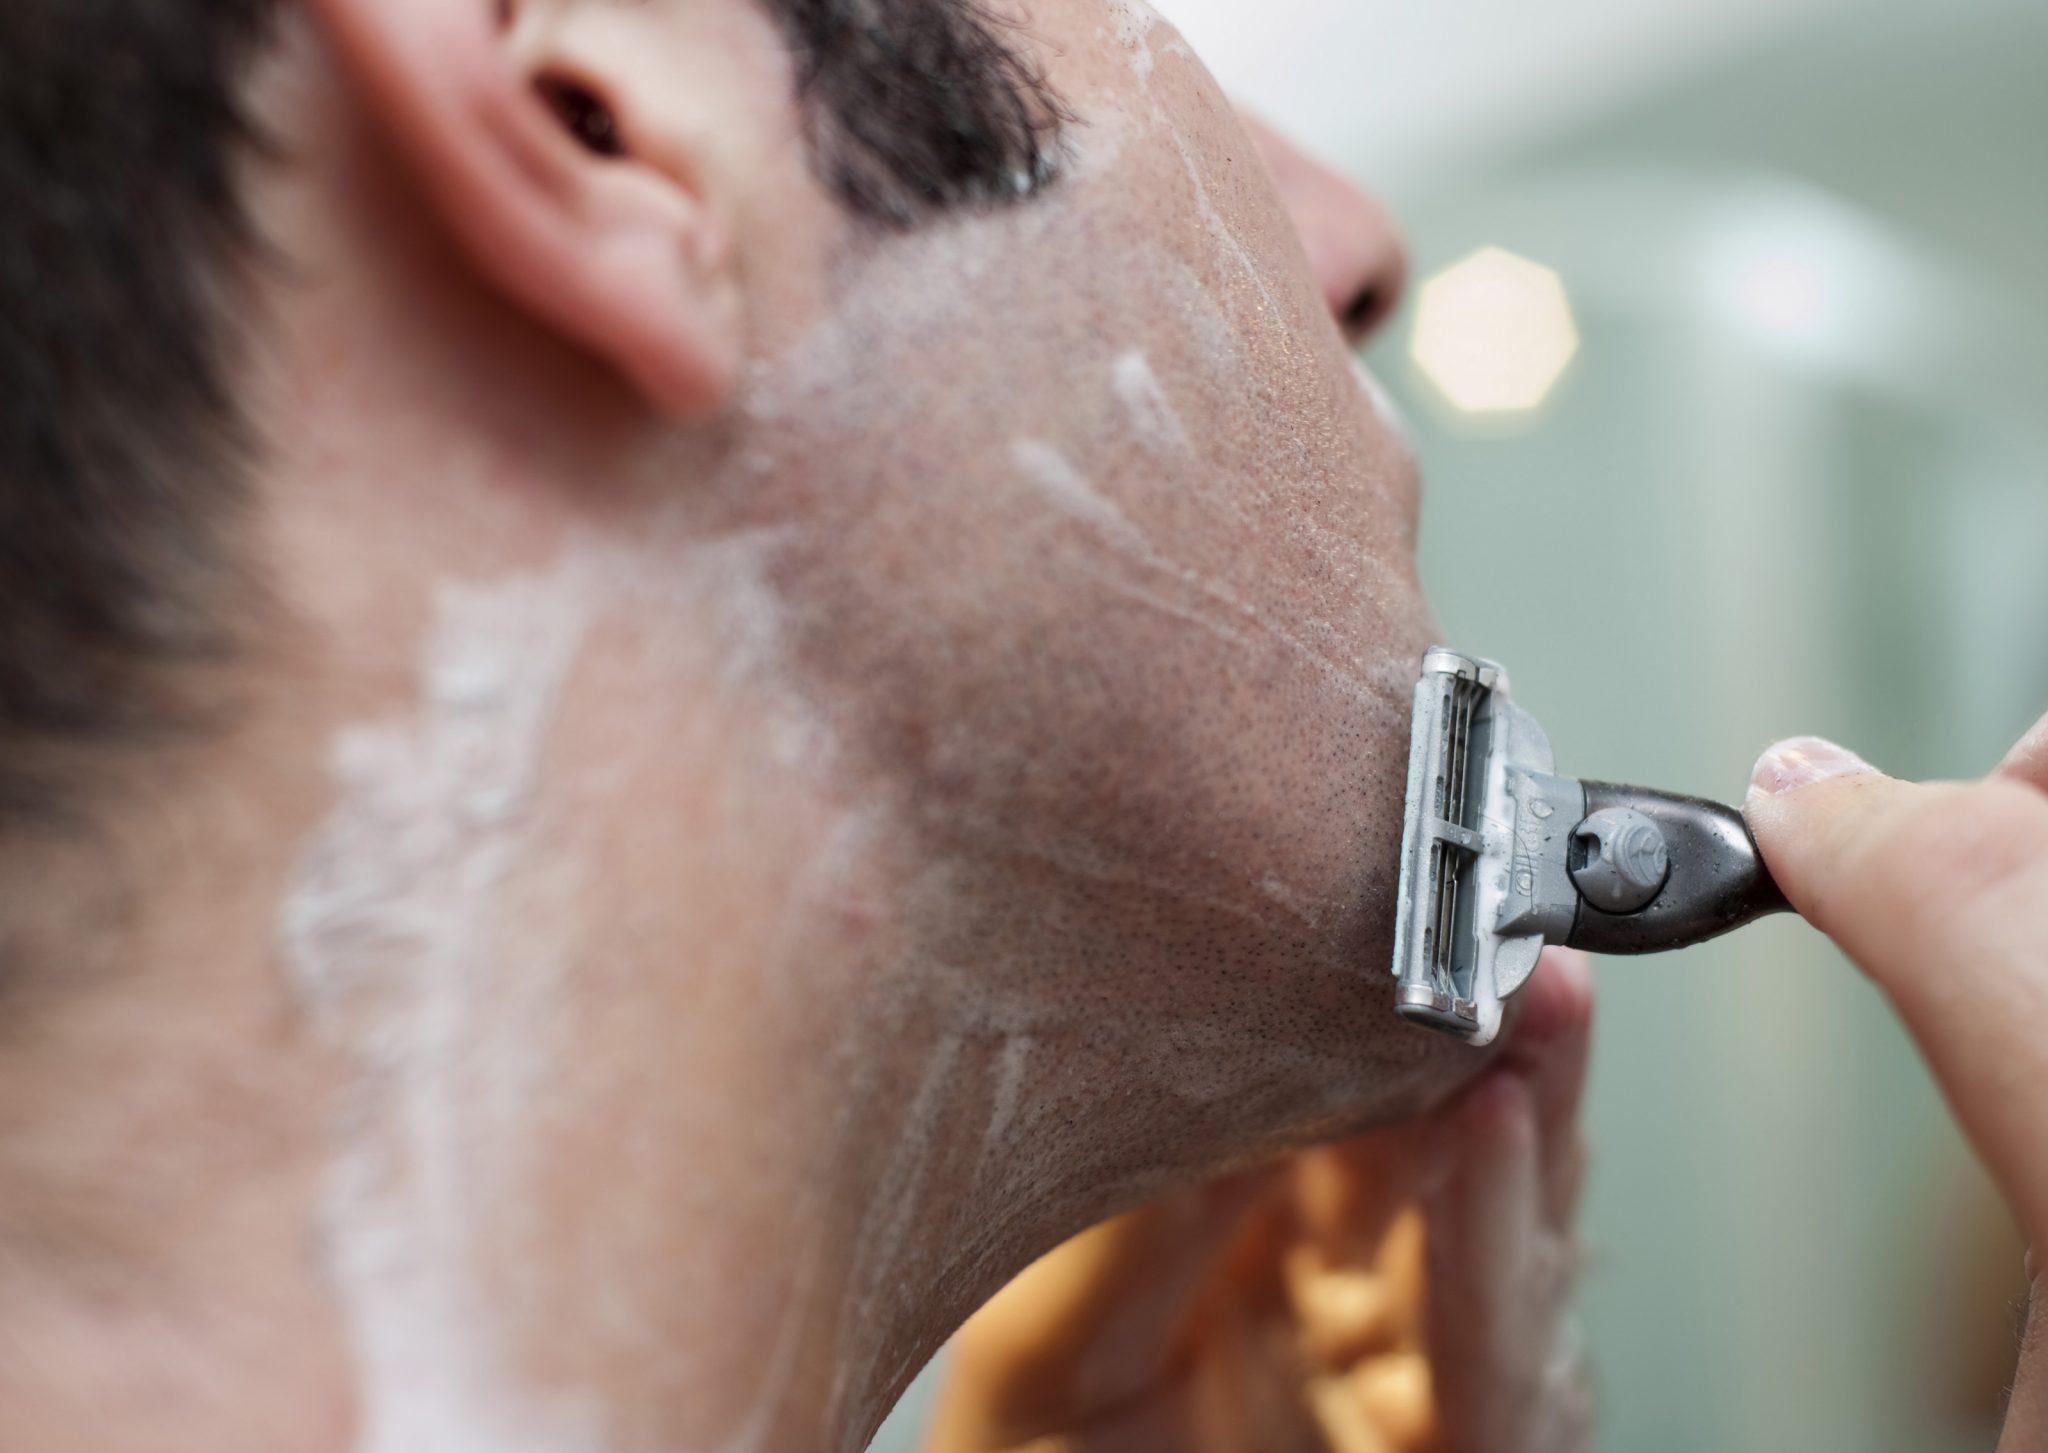 Ingrown Hairs: What Are The Causes & Symptoms Of Ingrown Hair